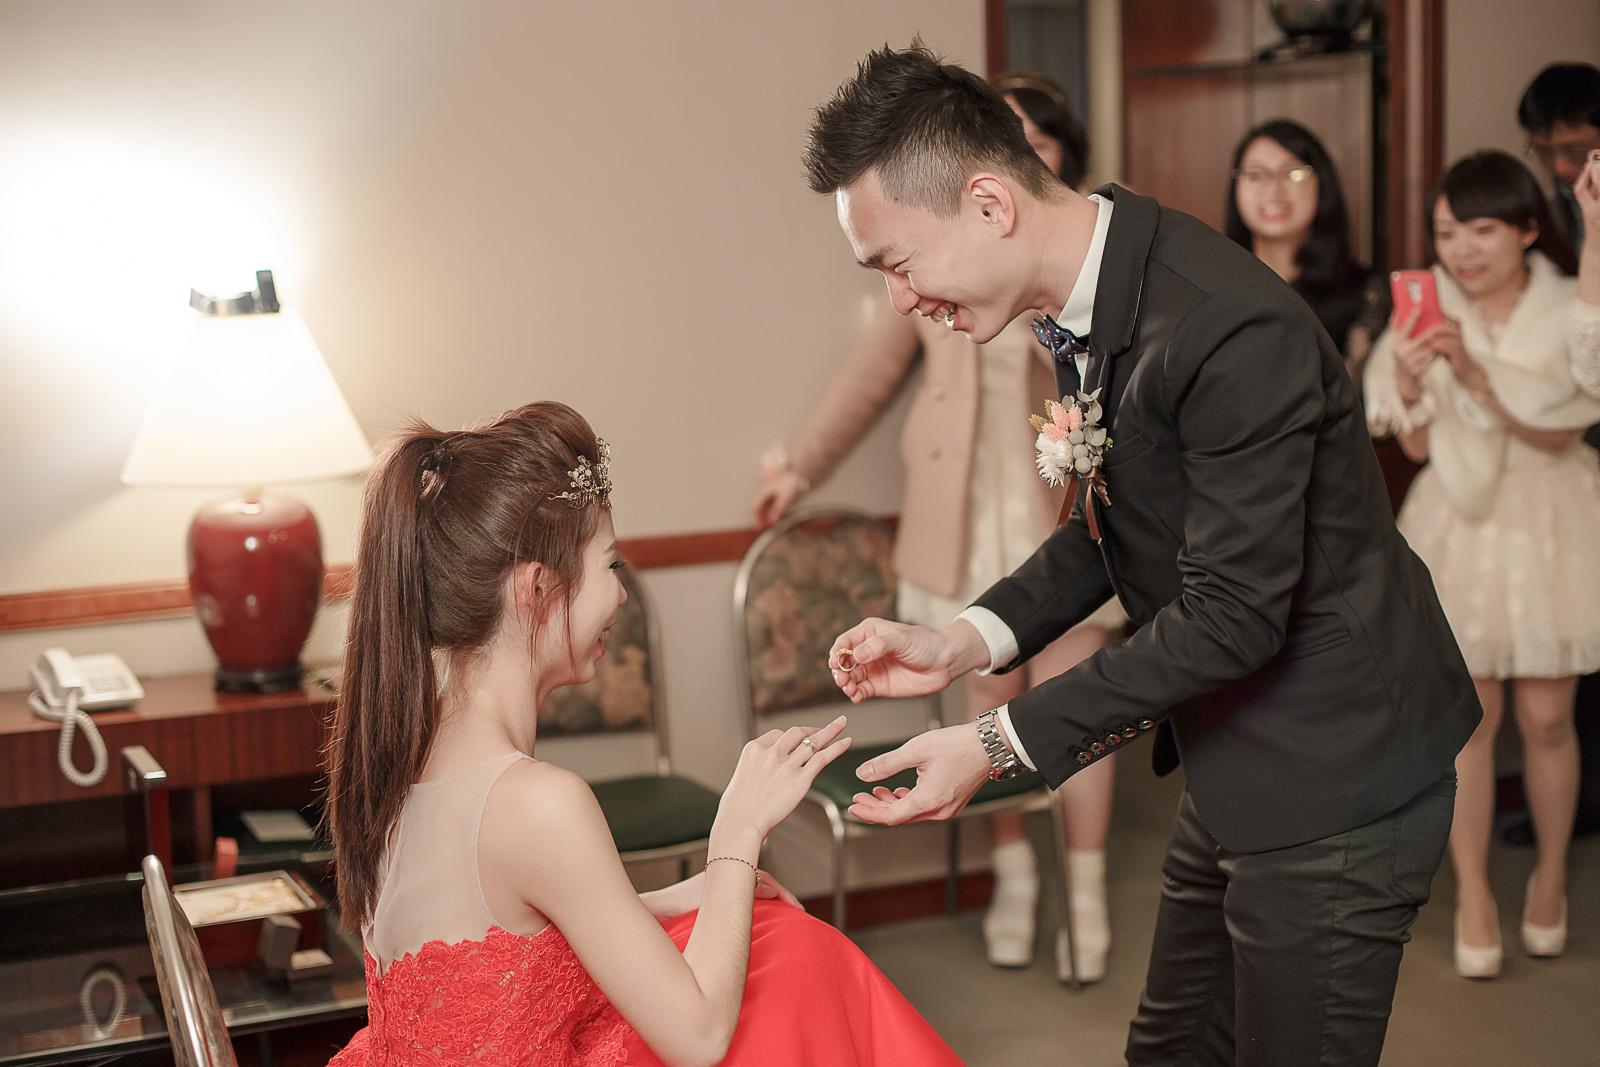 高雄圓山飯店,婚禮攝影,婚攝,高雄婚攝,優質婚攝推薦,Jen&Ethan-035